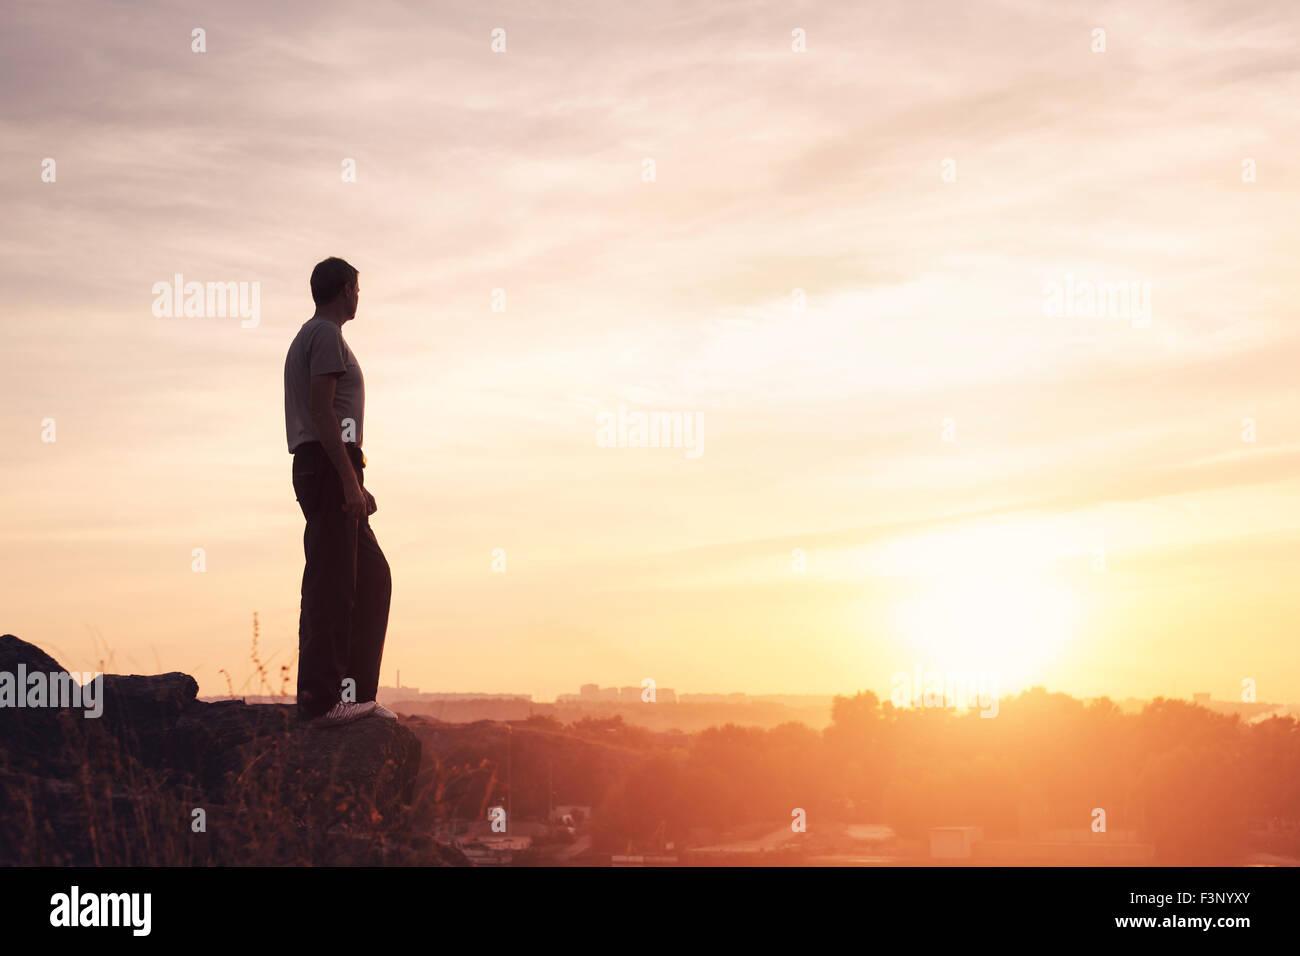 Silhouette d'un homme avec des bras à la magnifique coucher de soleil sur la montagne. Contexte Photo Stock